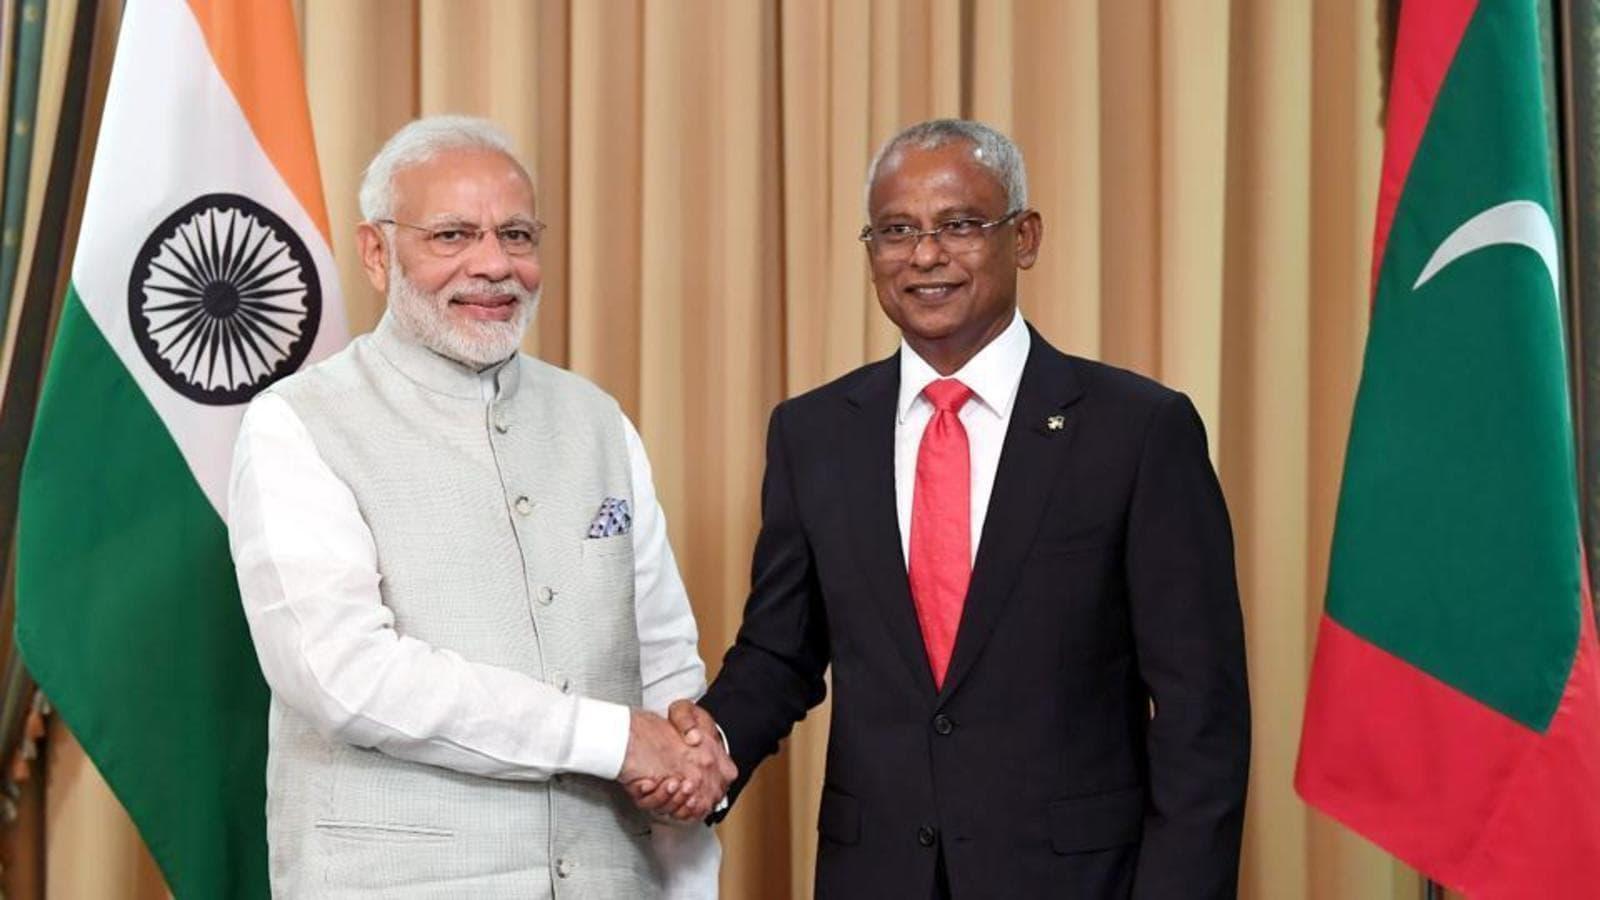 وزیراعظم مودی اور مالدیپ کے صدرکی دو طرفہ تعلقات پر بات چیت